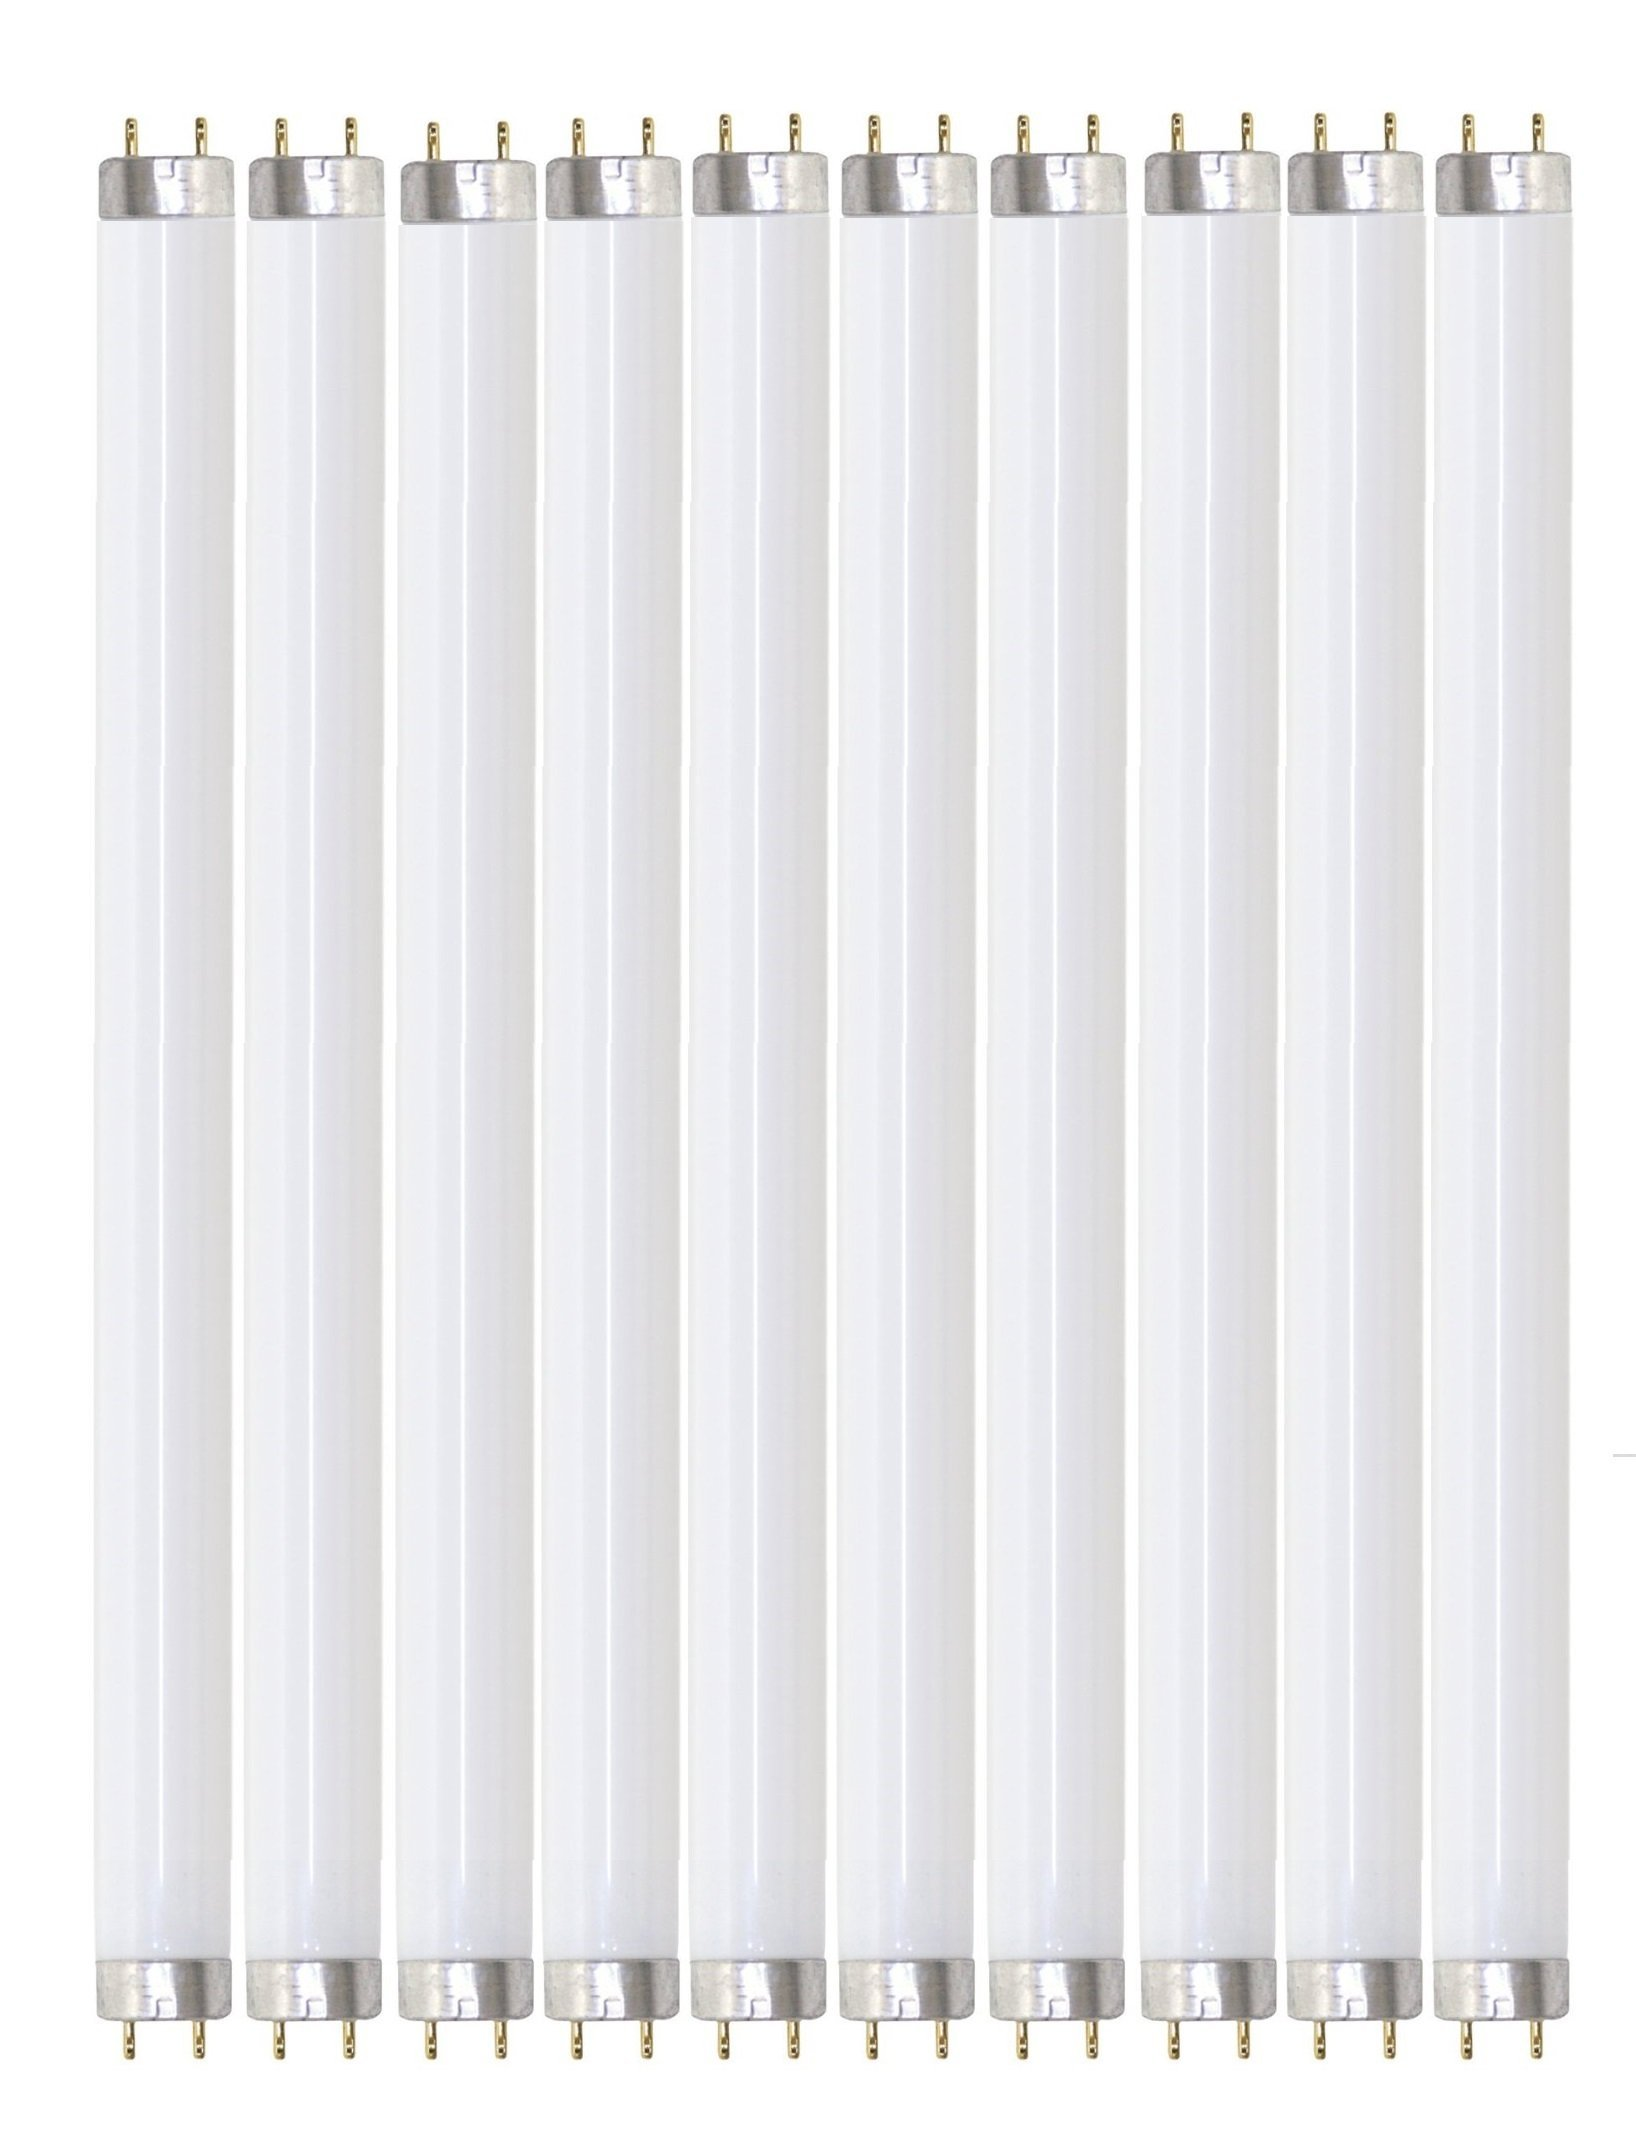 Pack of 10 F32T8/841 32 watt 48'' Straight F32 T8 Medium Bi-Pin (G13) Base, 4,100K Cool White Octron Fluorescent Tube Light Bulb